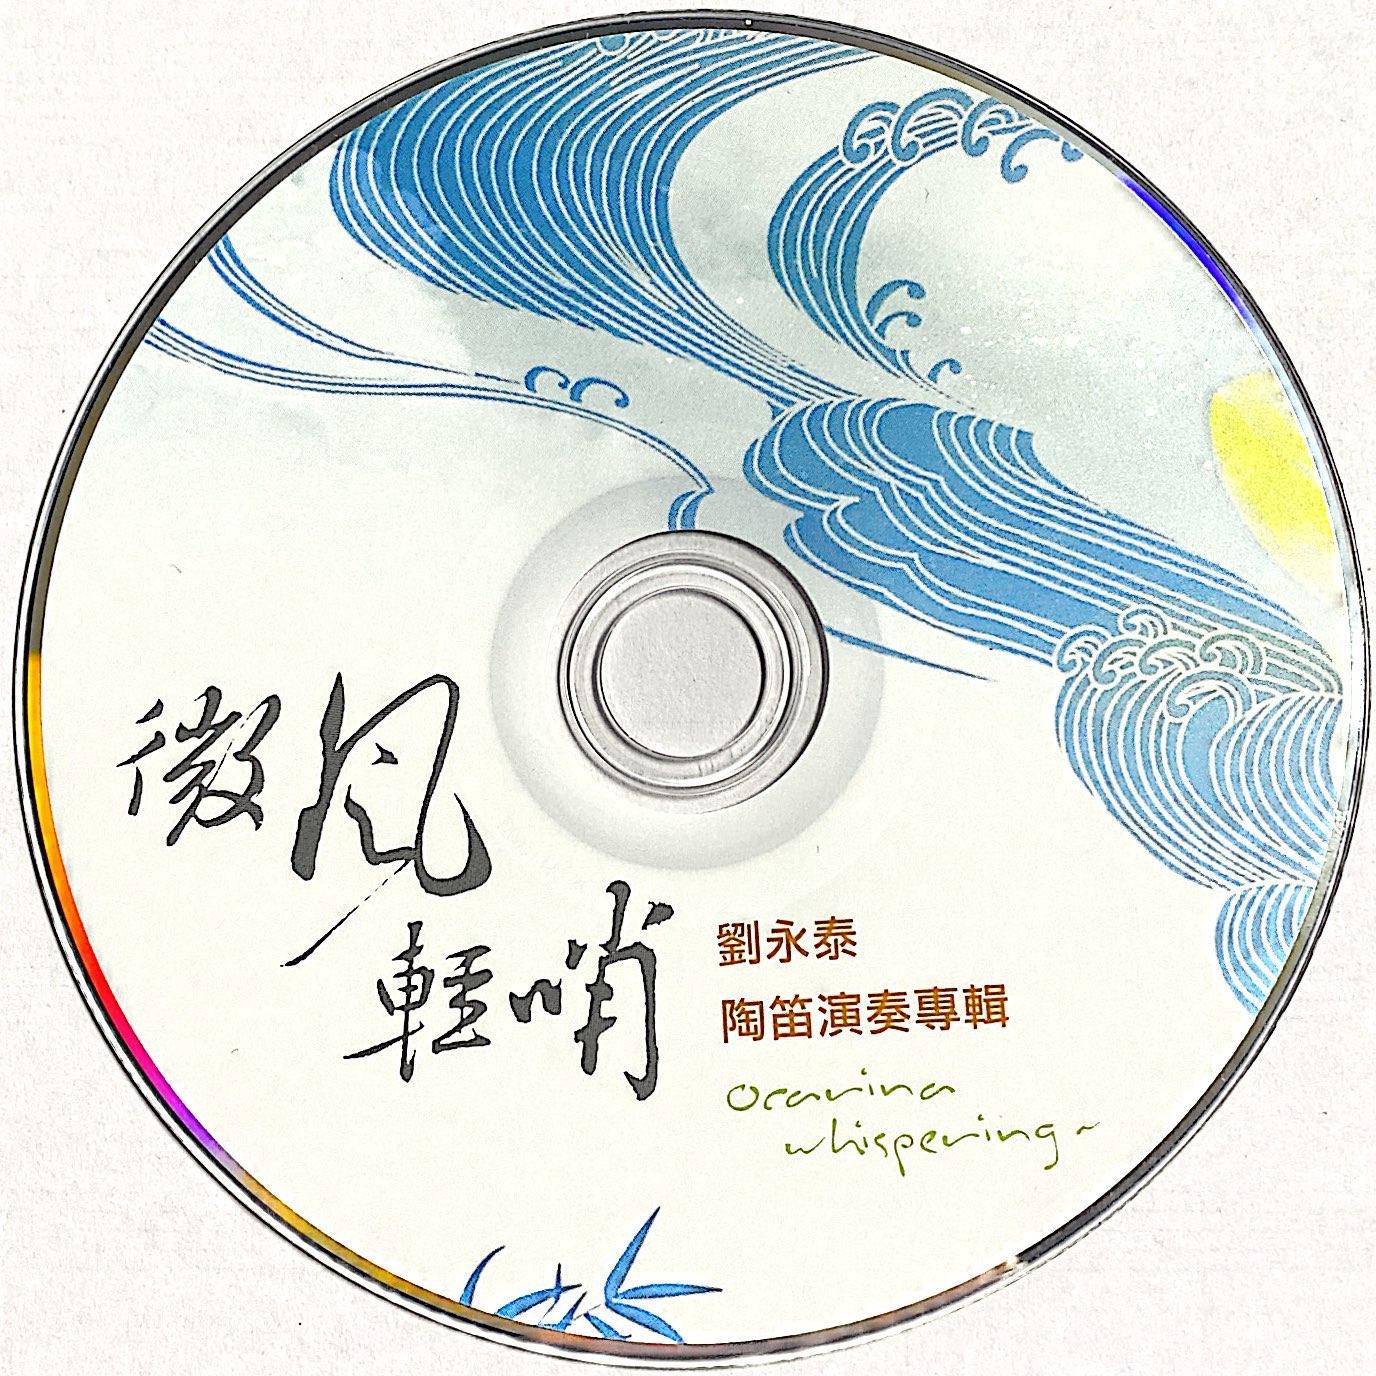 01 - Frim Fram Sauce (中國台灣)